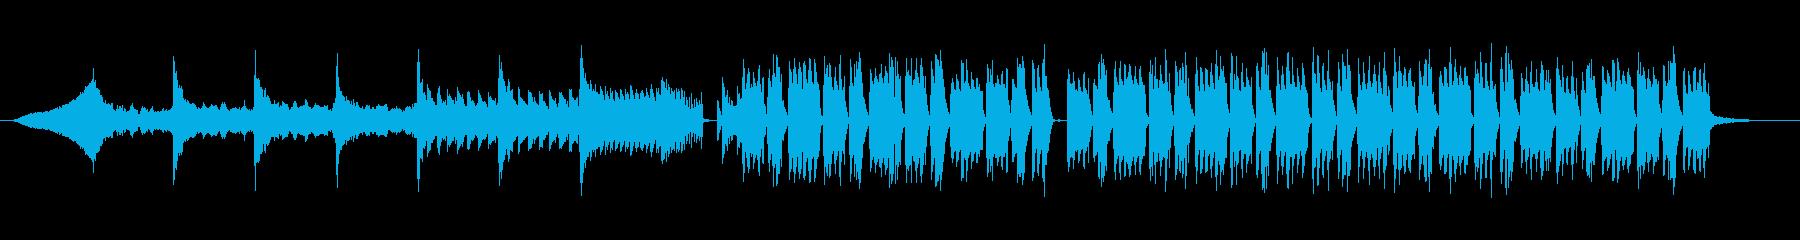 シンプルFutureBassの再生済みの波形